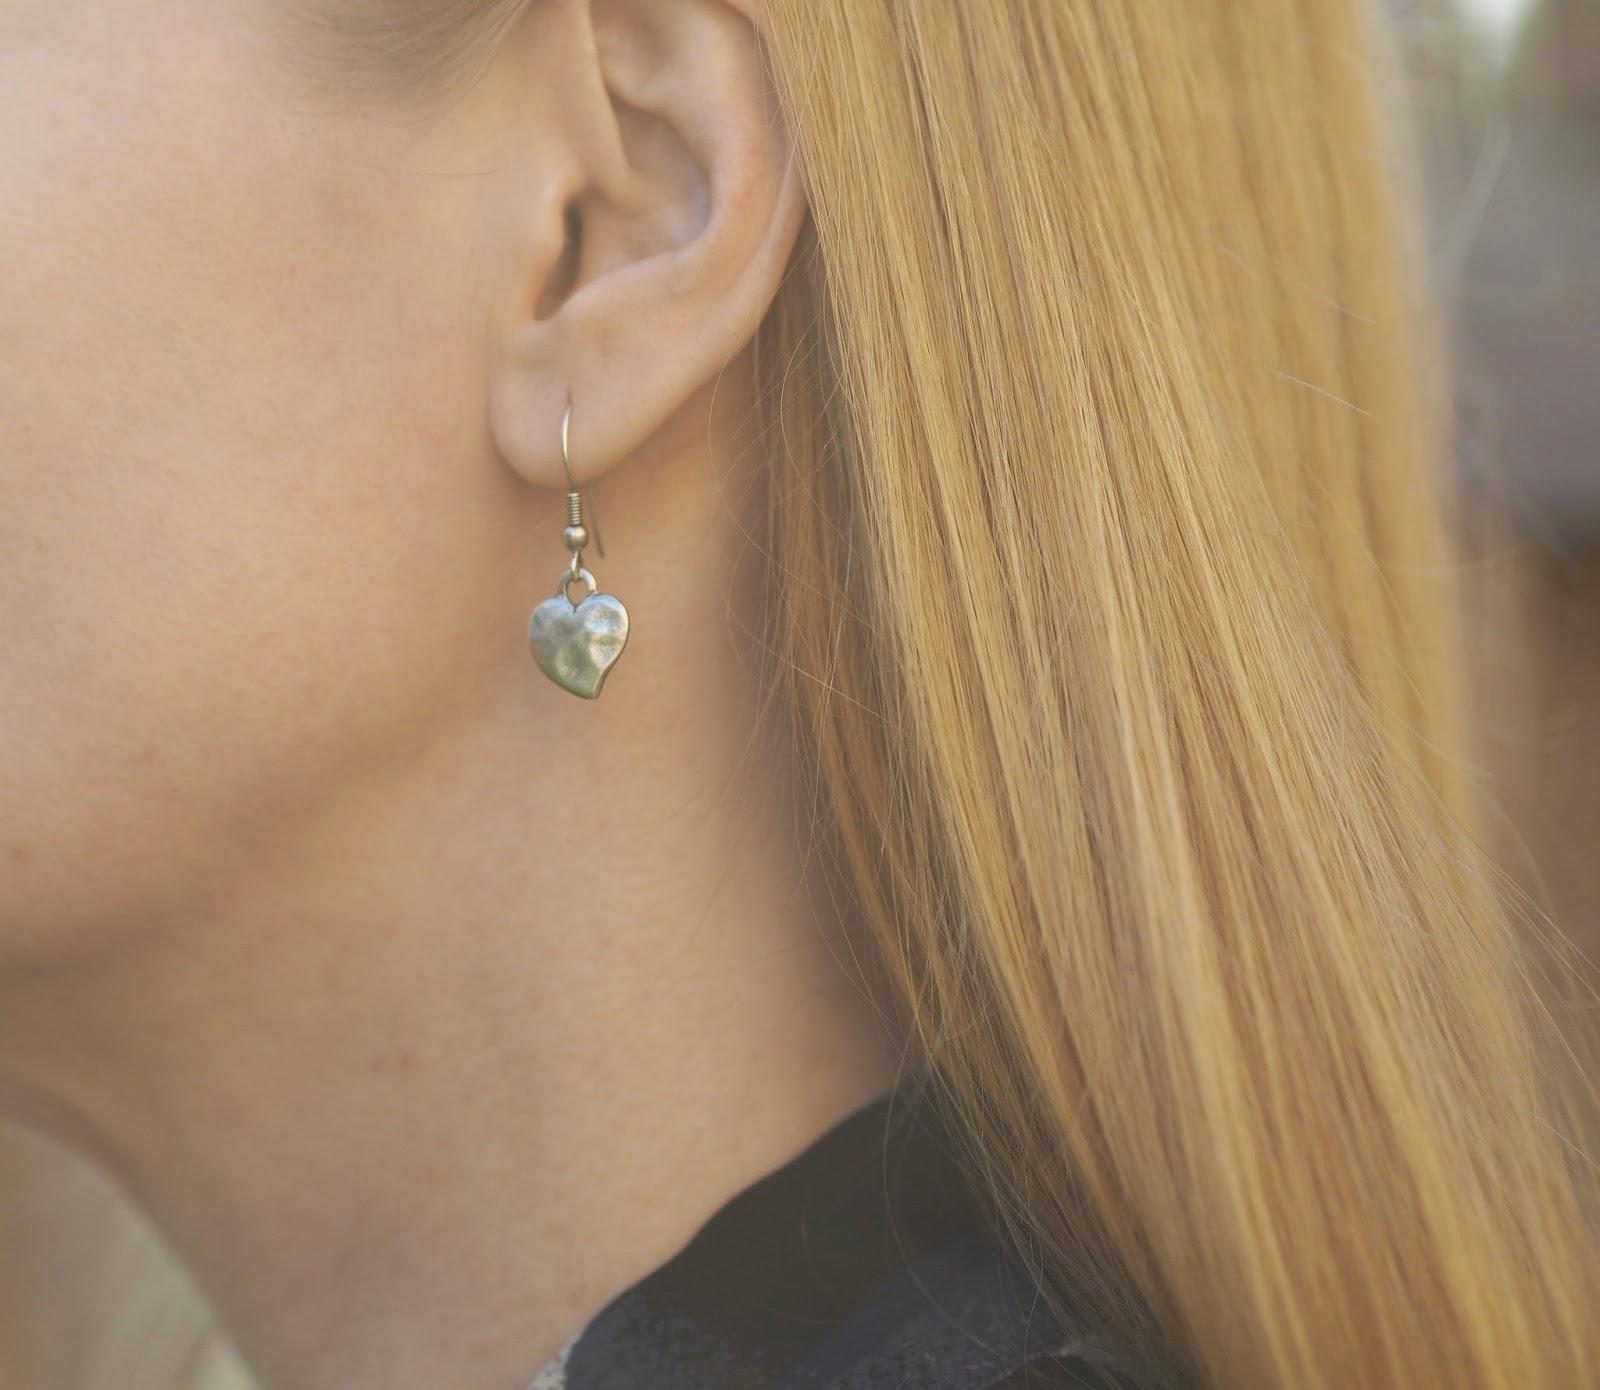 Danon jewellery silver heart drop earrings